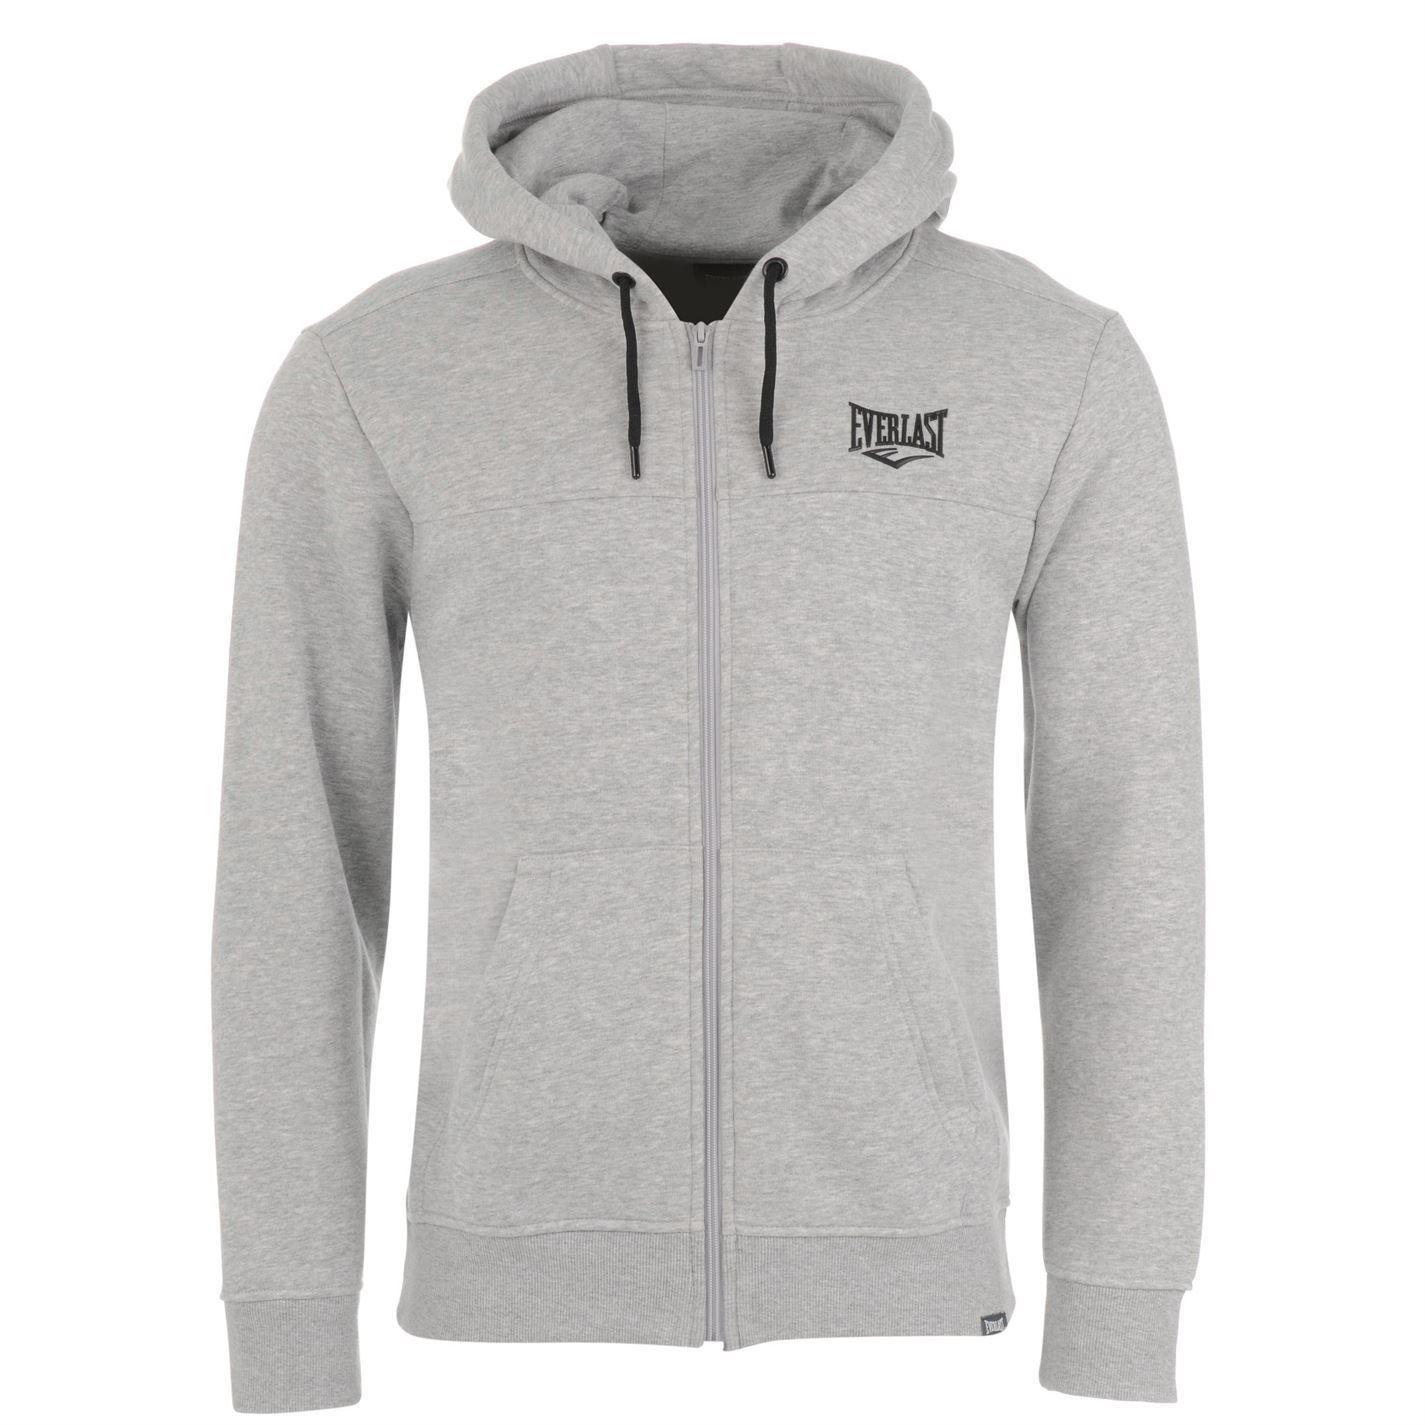 Everlast-Logo-Full-Zip-Hoody-Jacket-Mens-Hoodie-Sweatshirt-Sweater-Hooded-Top thumbnail 25